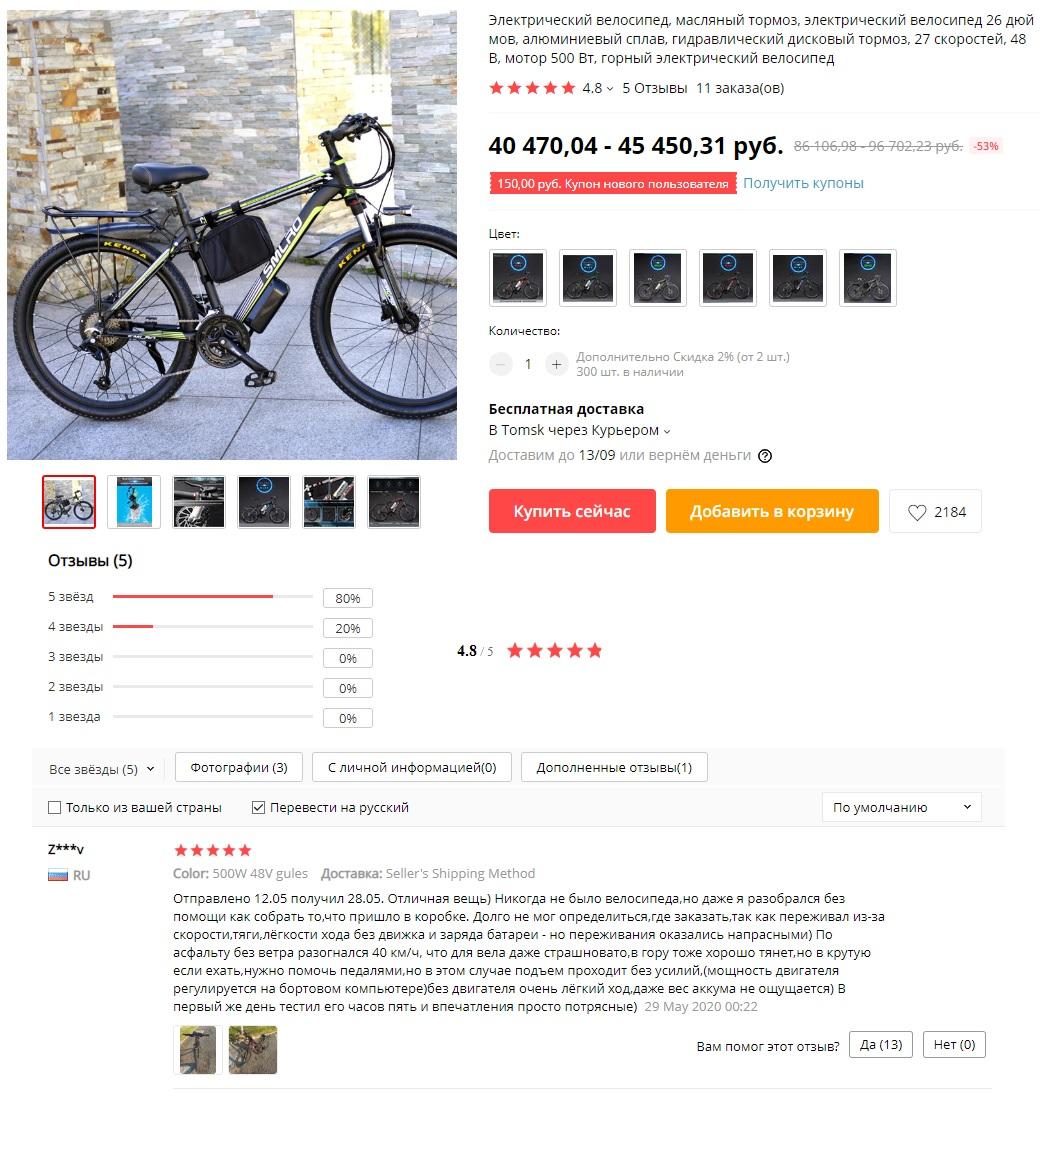 Электровелосипед SMLRO